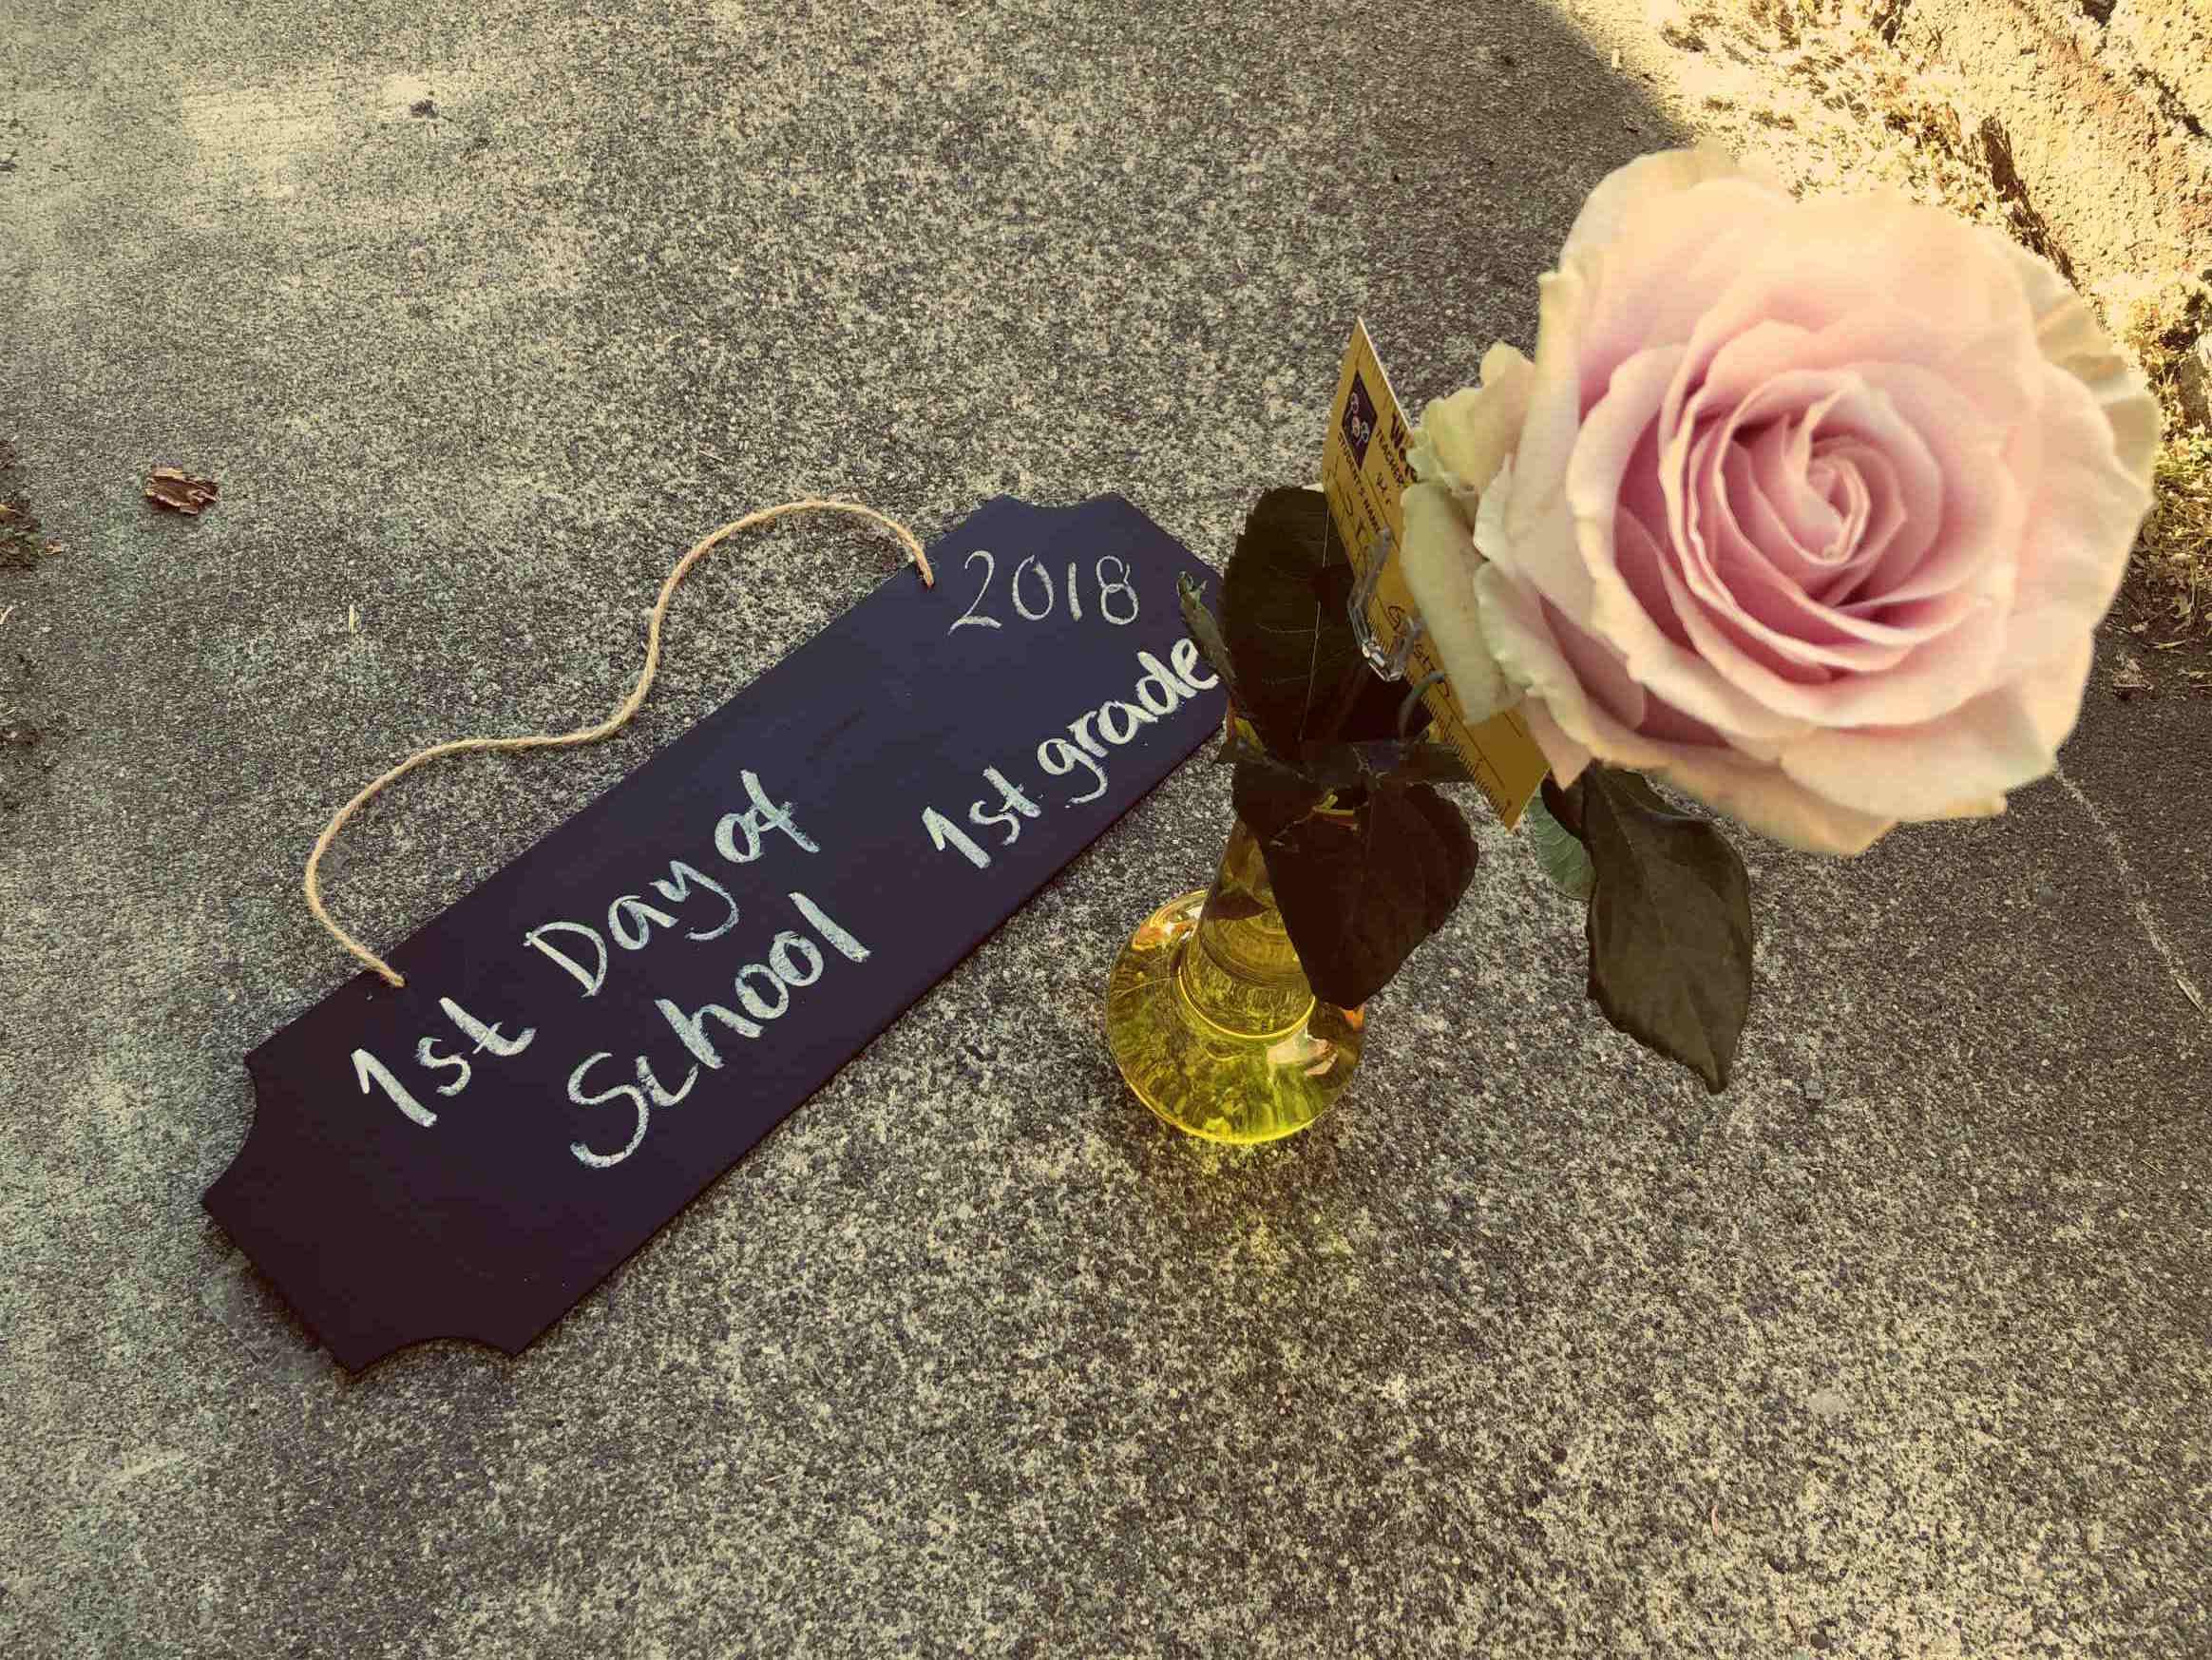 Koulujen alkamista edellisenä päivänä paikallinen kukkakauppa jakoi lapsille ilmaisia ruusuja opettajille vietäviksi.